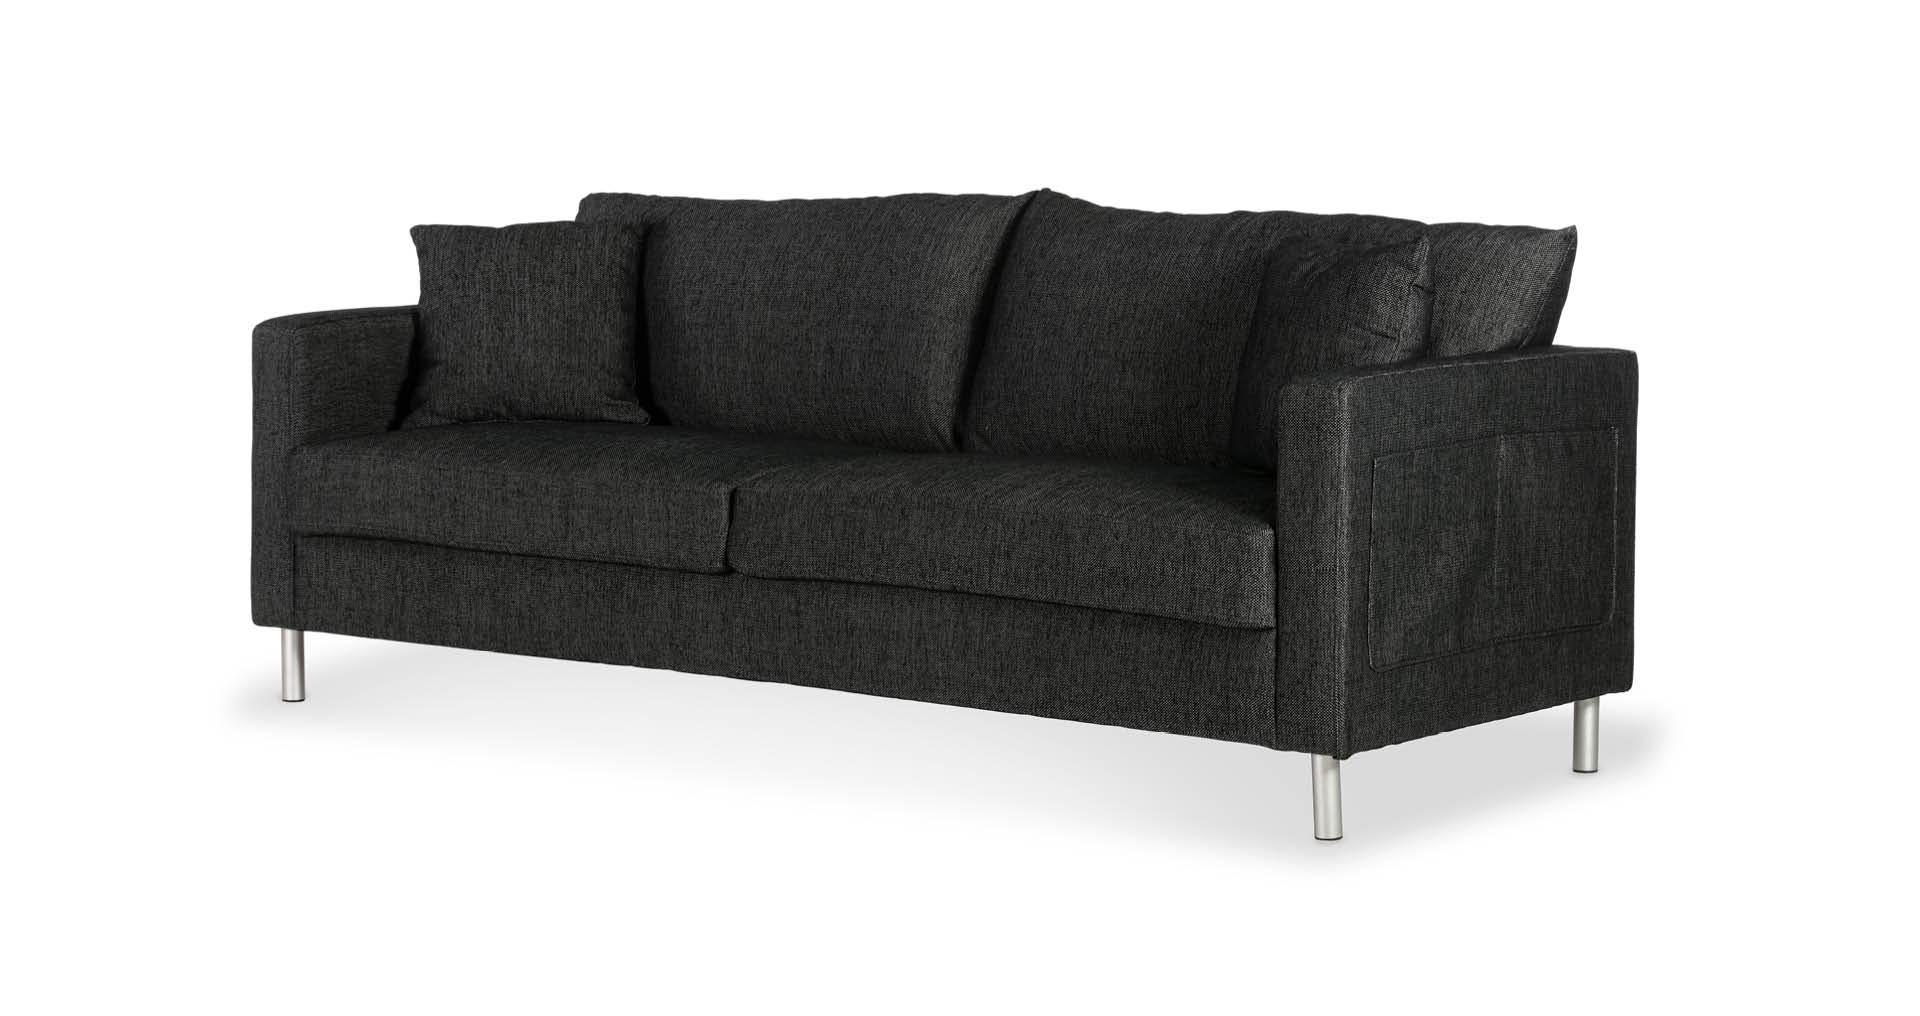 """ספה אניסטון 210 ס""""מ בגוון שחור קרבון"""